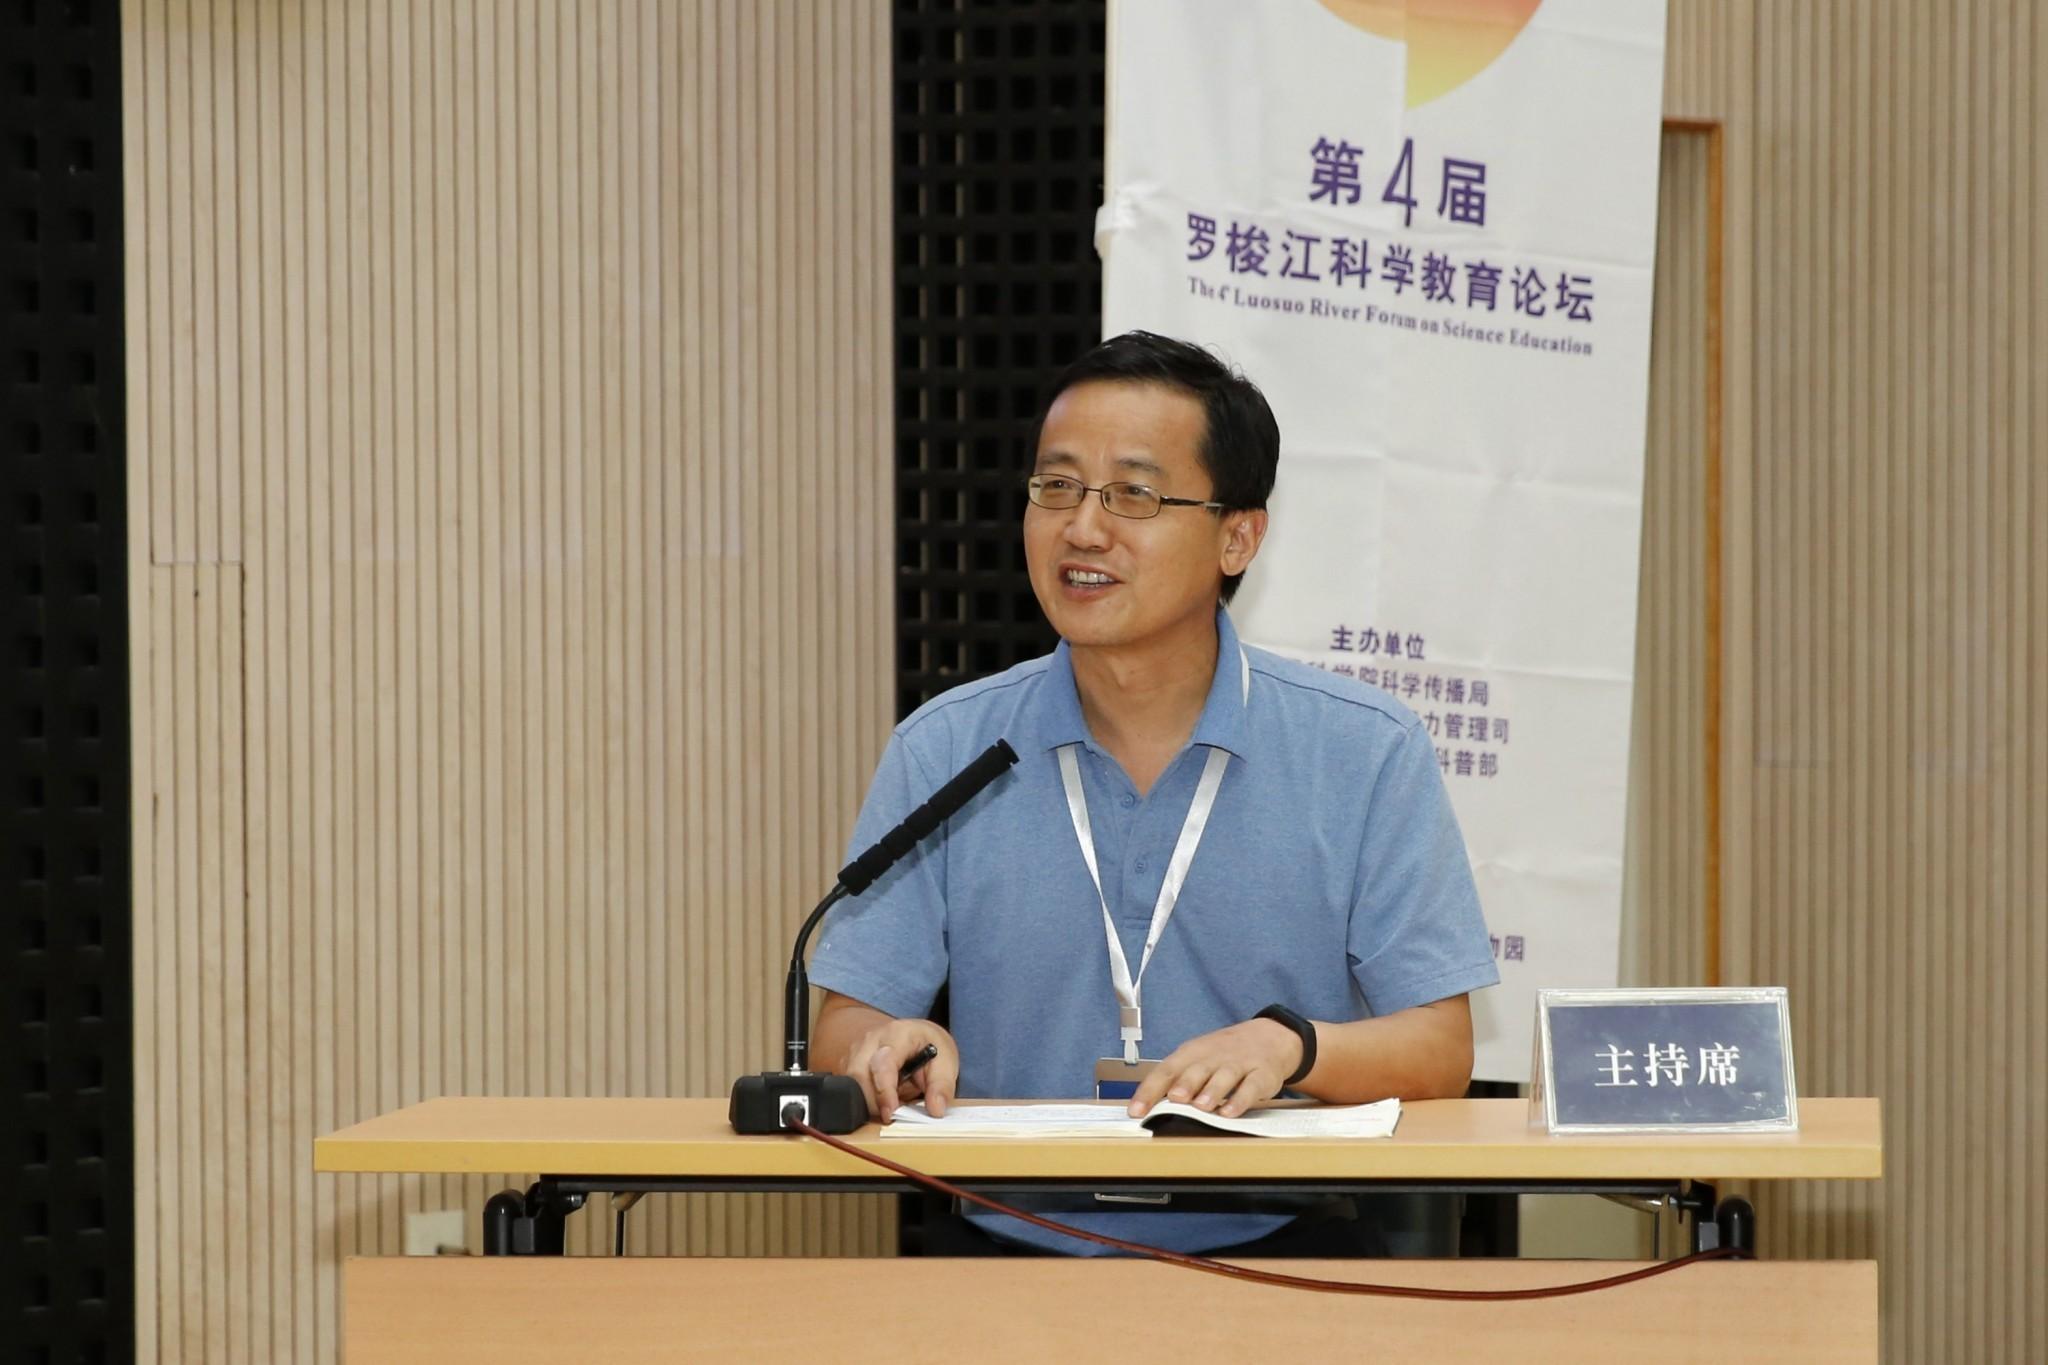 7月23日,中科院西双版纳热带植物园副主任胡华斌主持论坛开幕式。